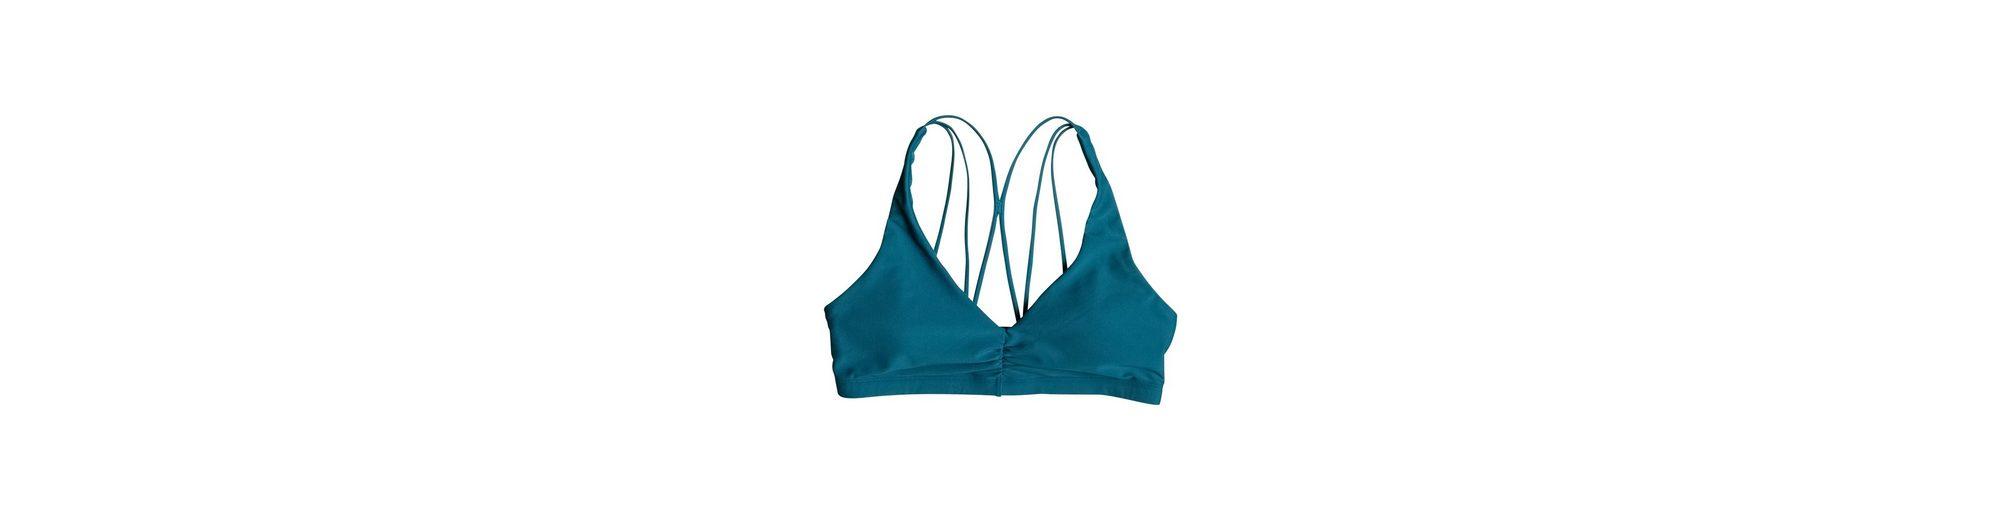 Roxy Sport-BH Tassana Yoga Online Gehen Authentisch Verkauf Y7pQD